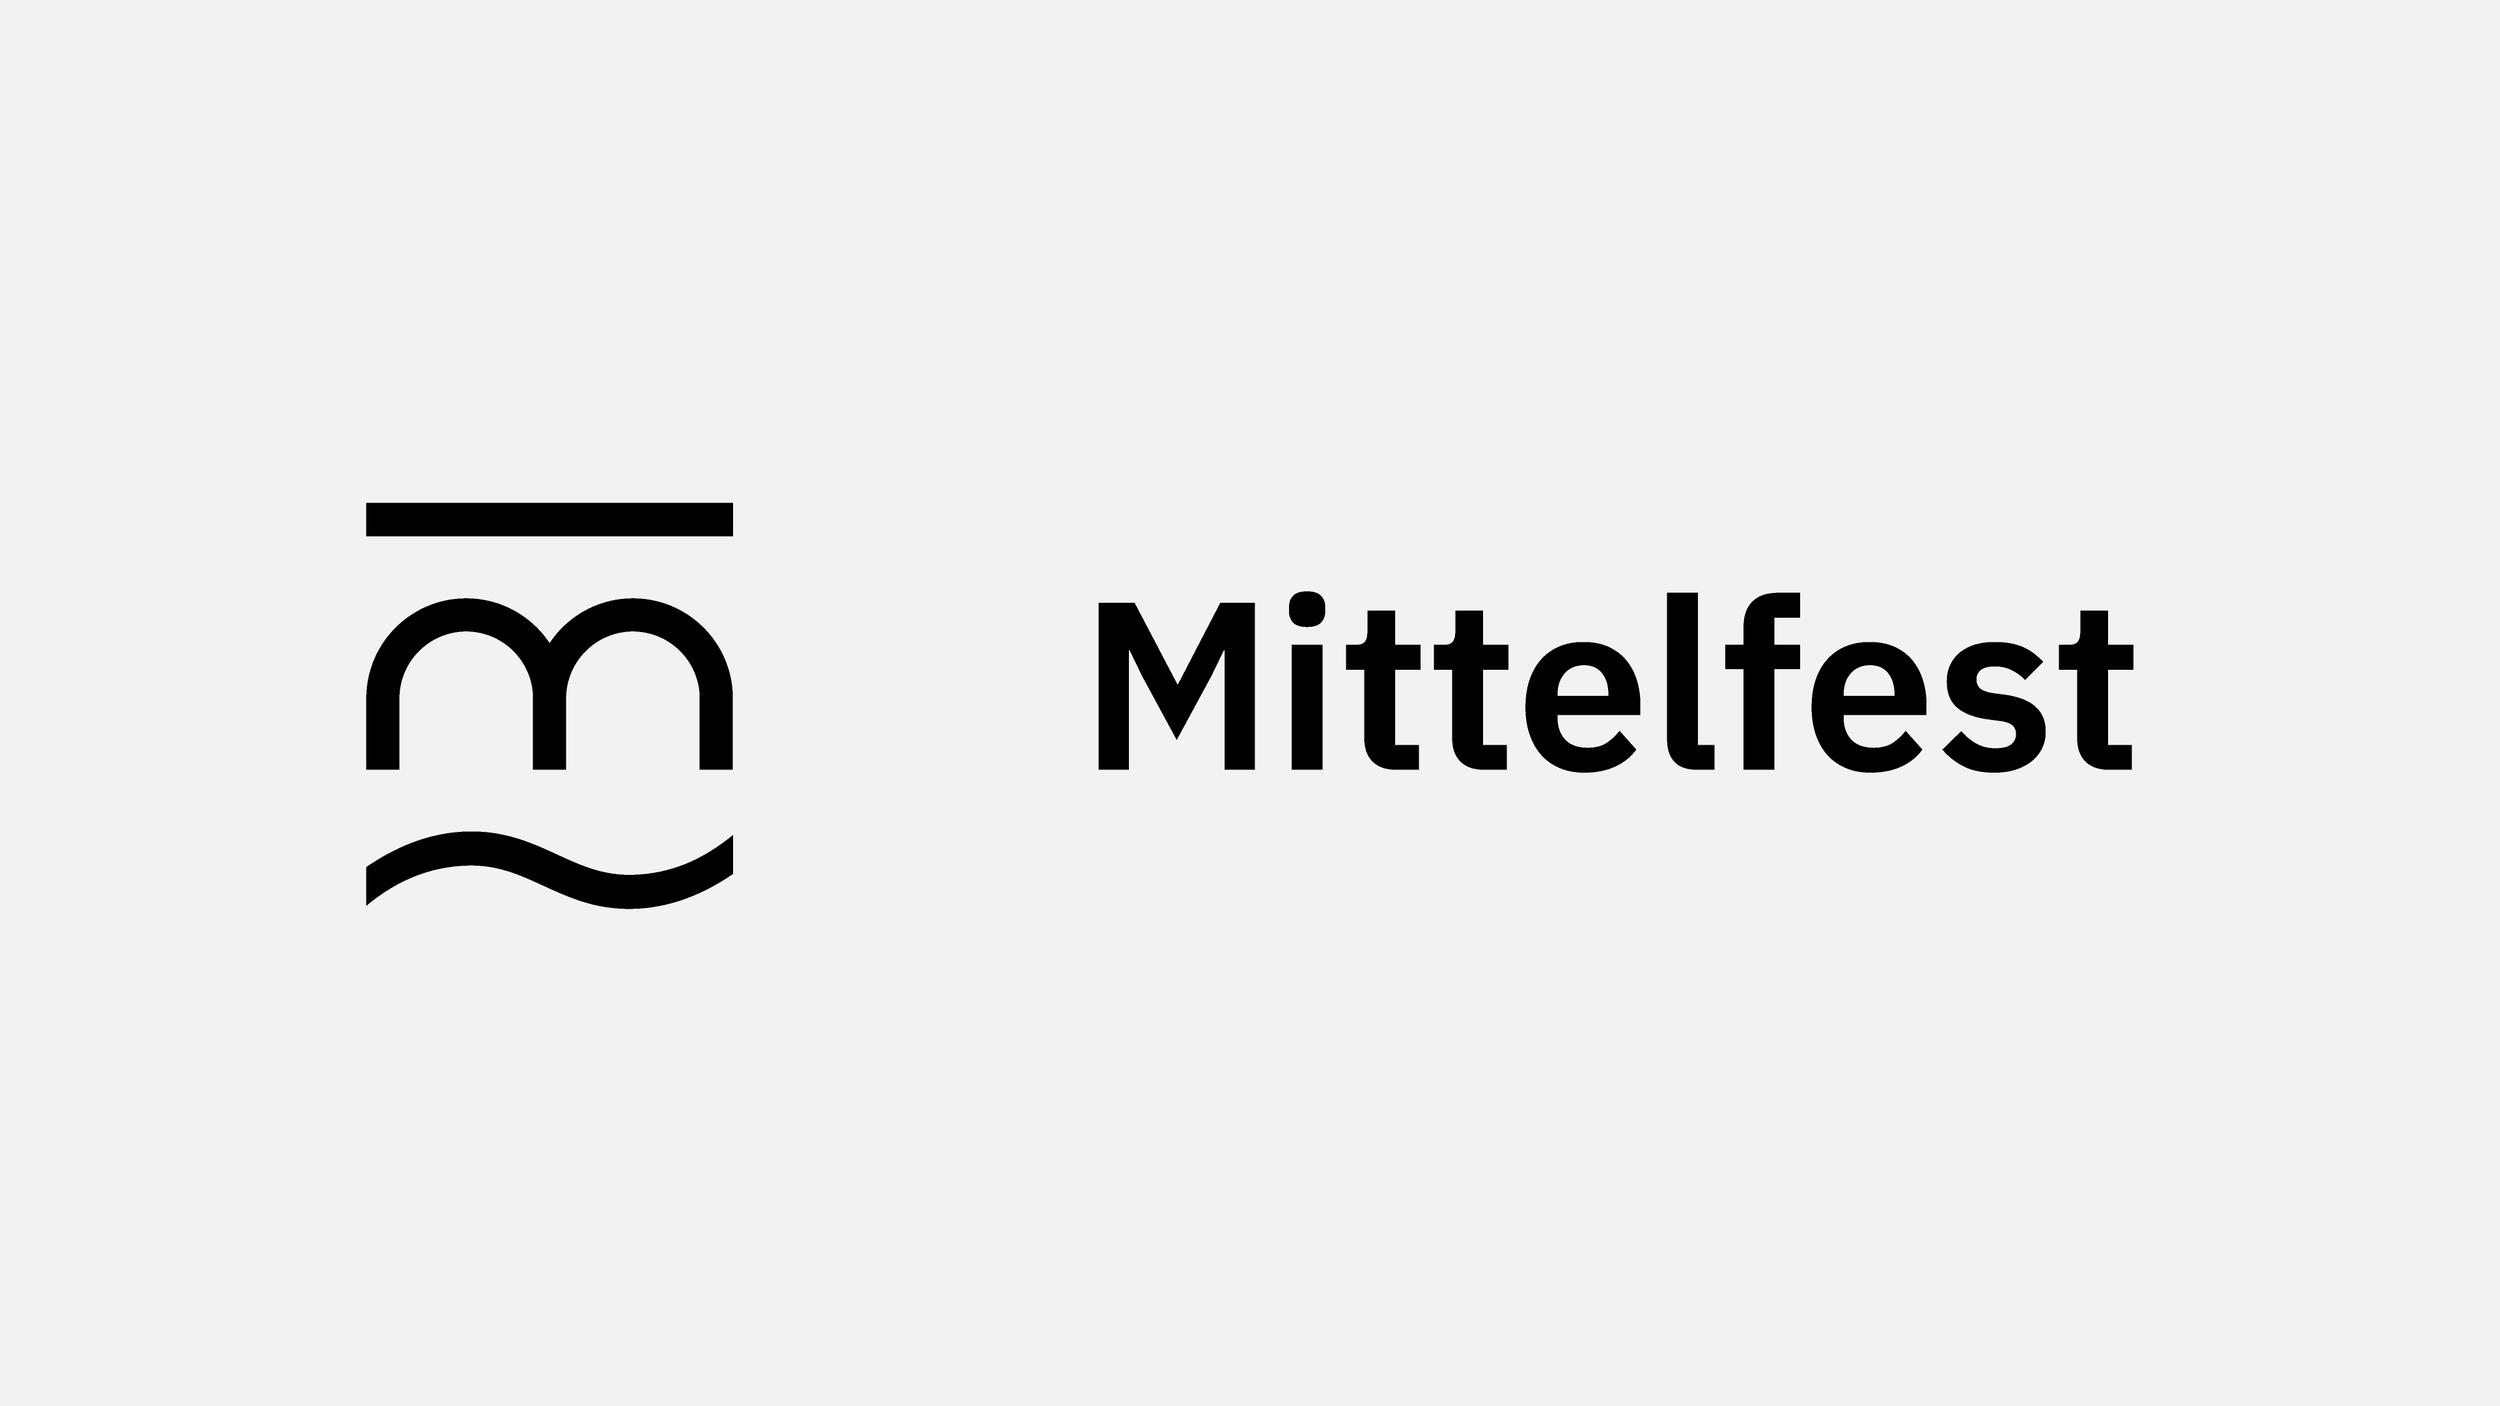 Mittelfest_01.png